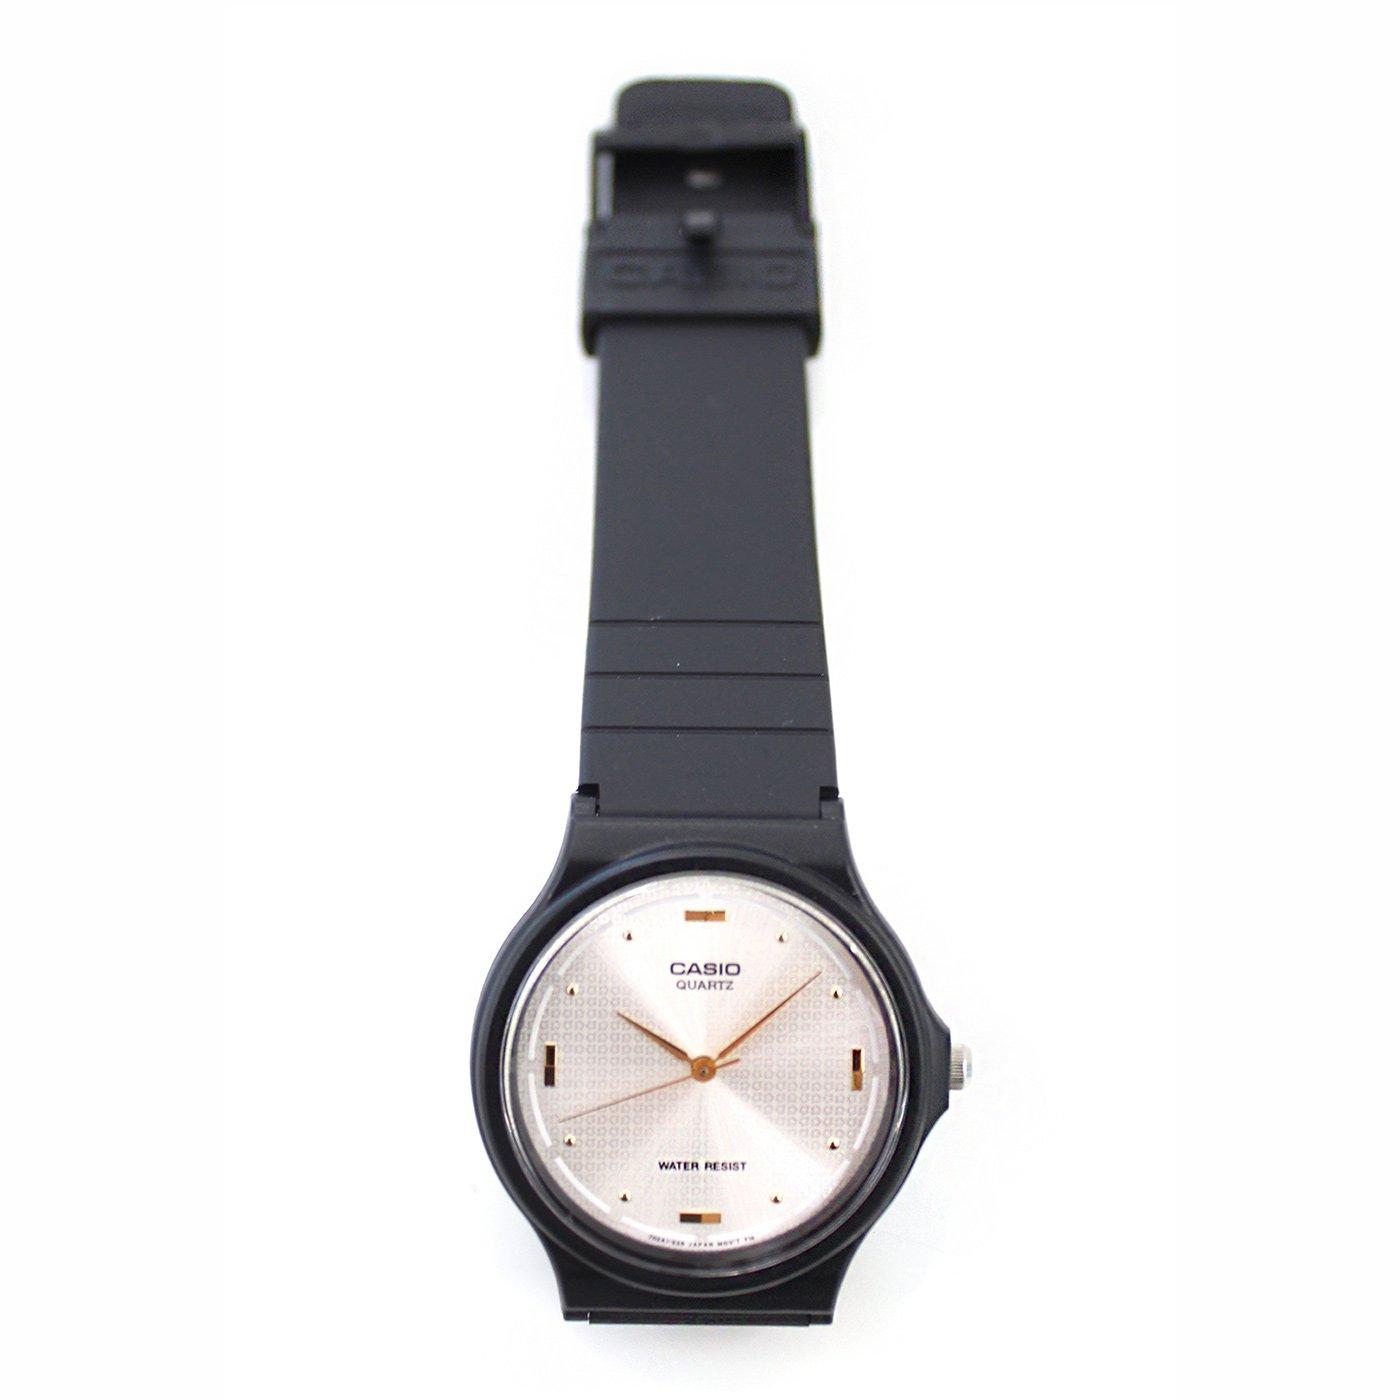 IEDIT[イディット] SELECT CASIO アナログ腕時計 ラウンド MQ-76-7A1〈ブラック×シルバー〉